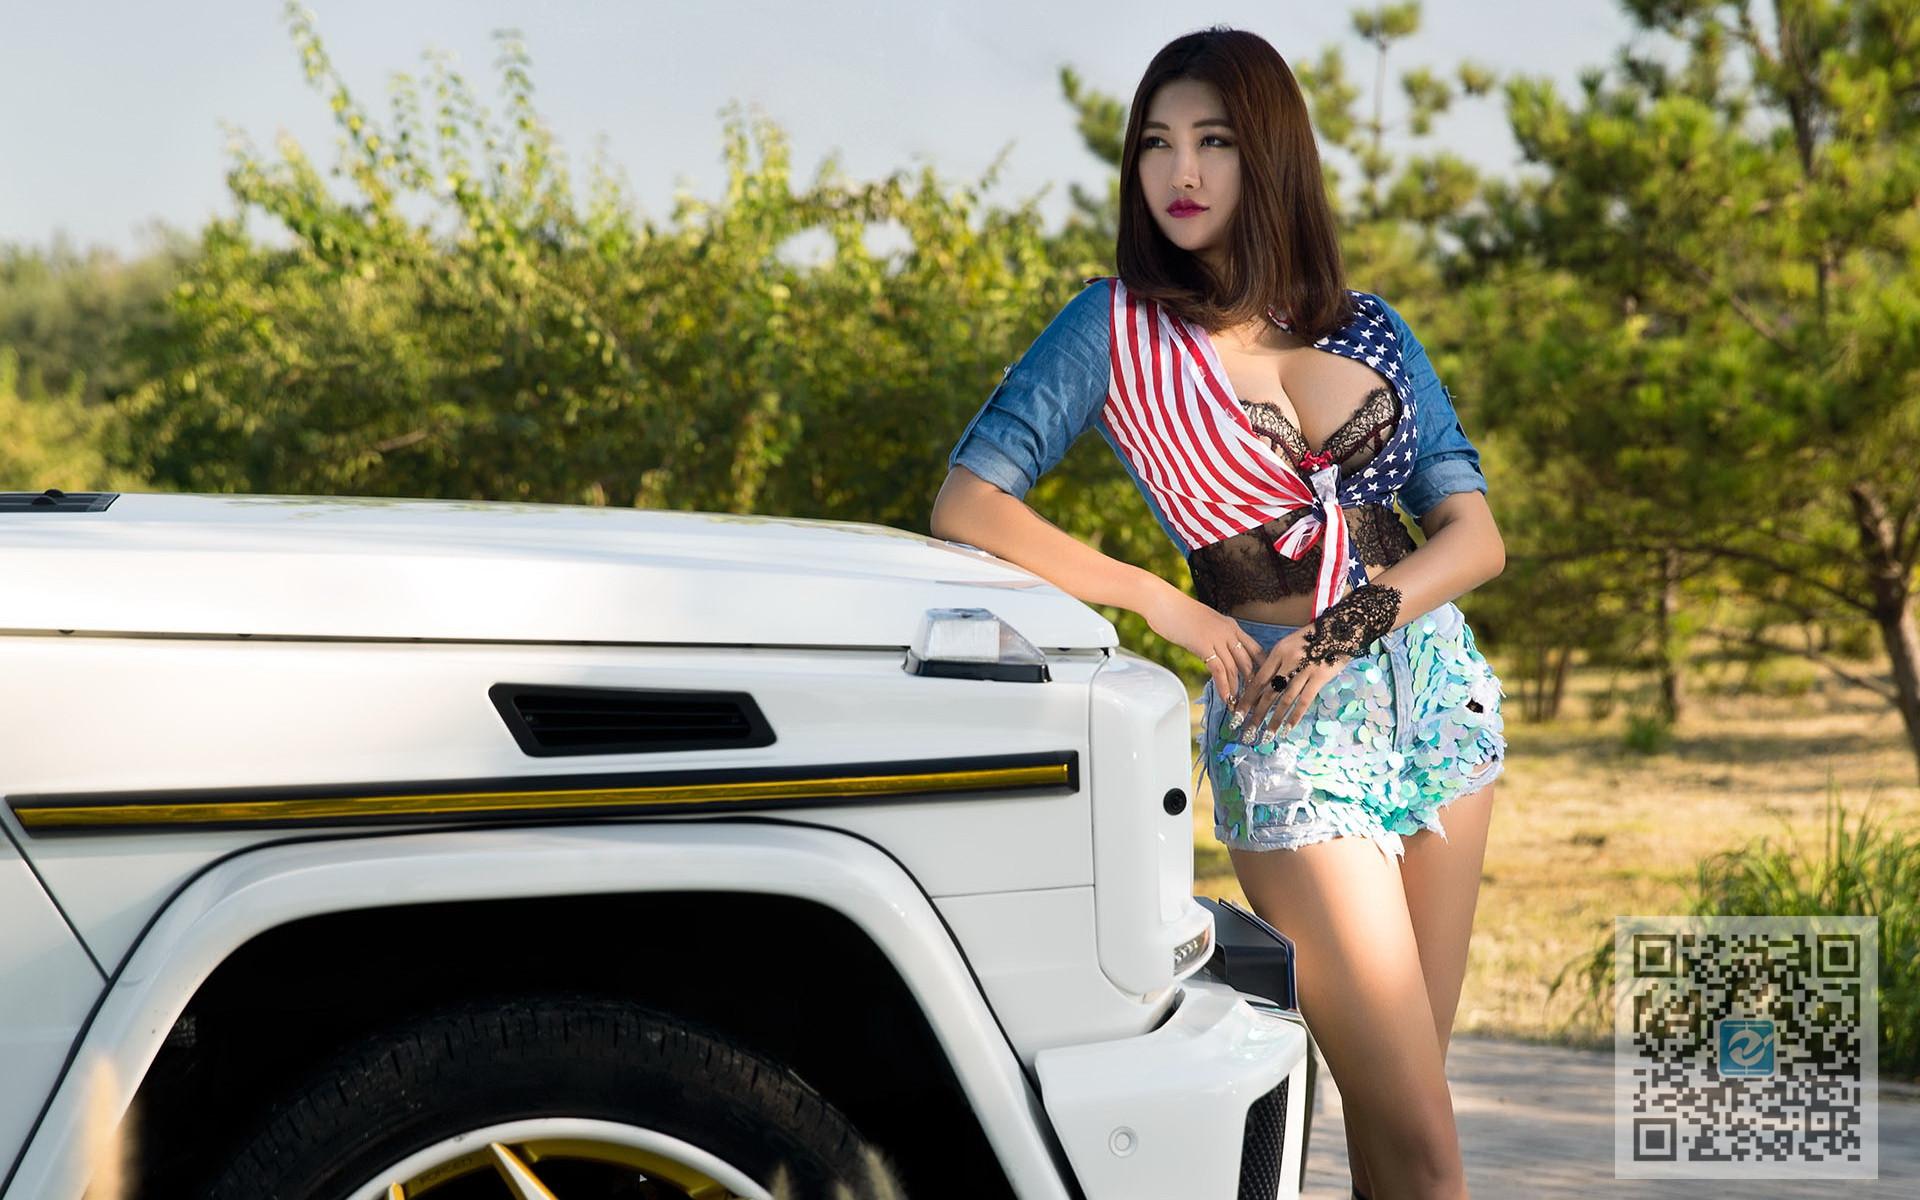 野外奔驰越野车陪伴 个性奔放美女车模无压力